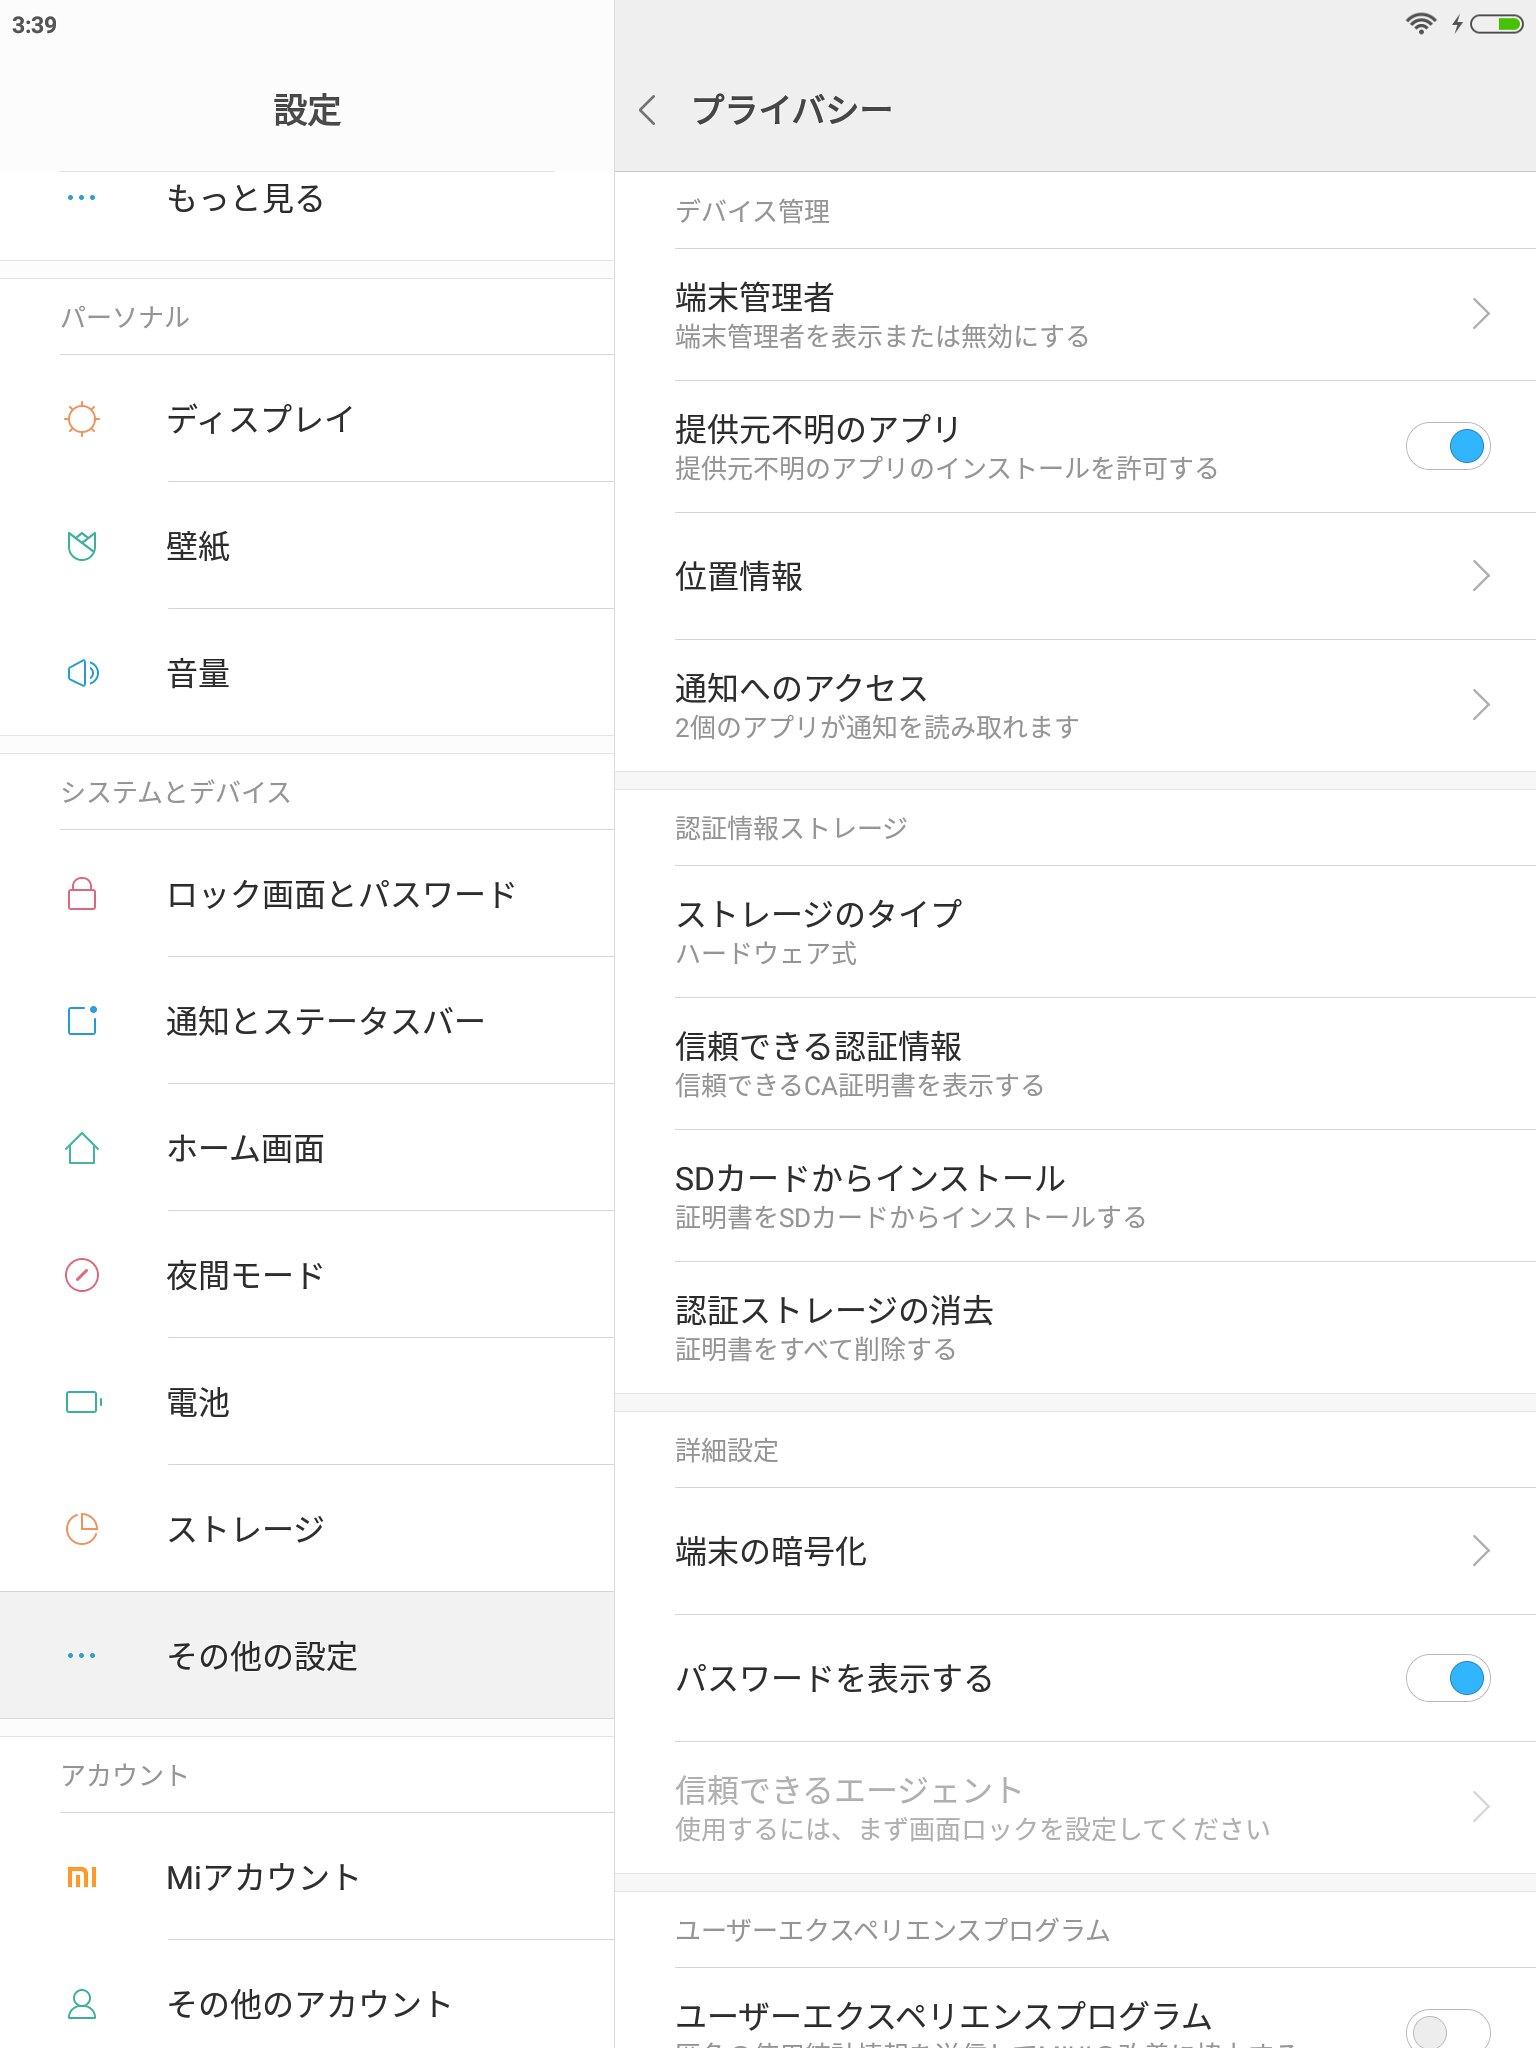 【Win10】 古いバージョンの ... - blog.livedoor.jp